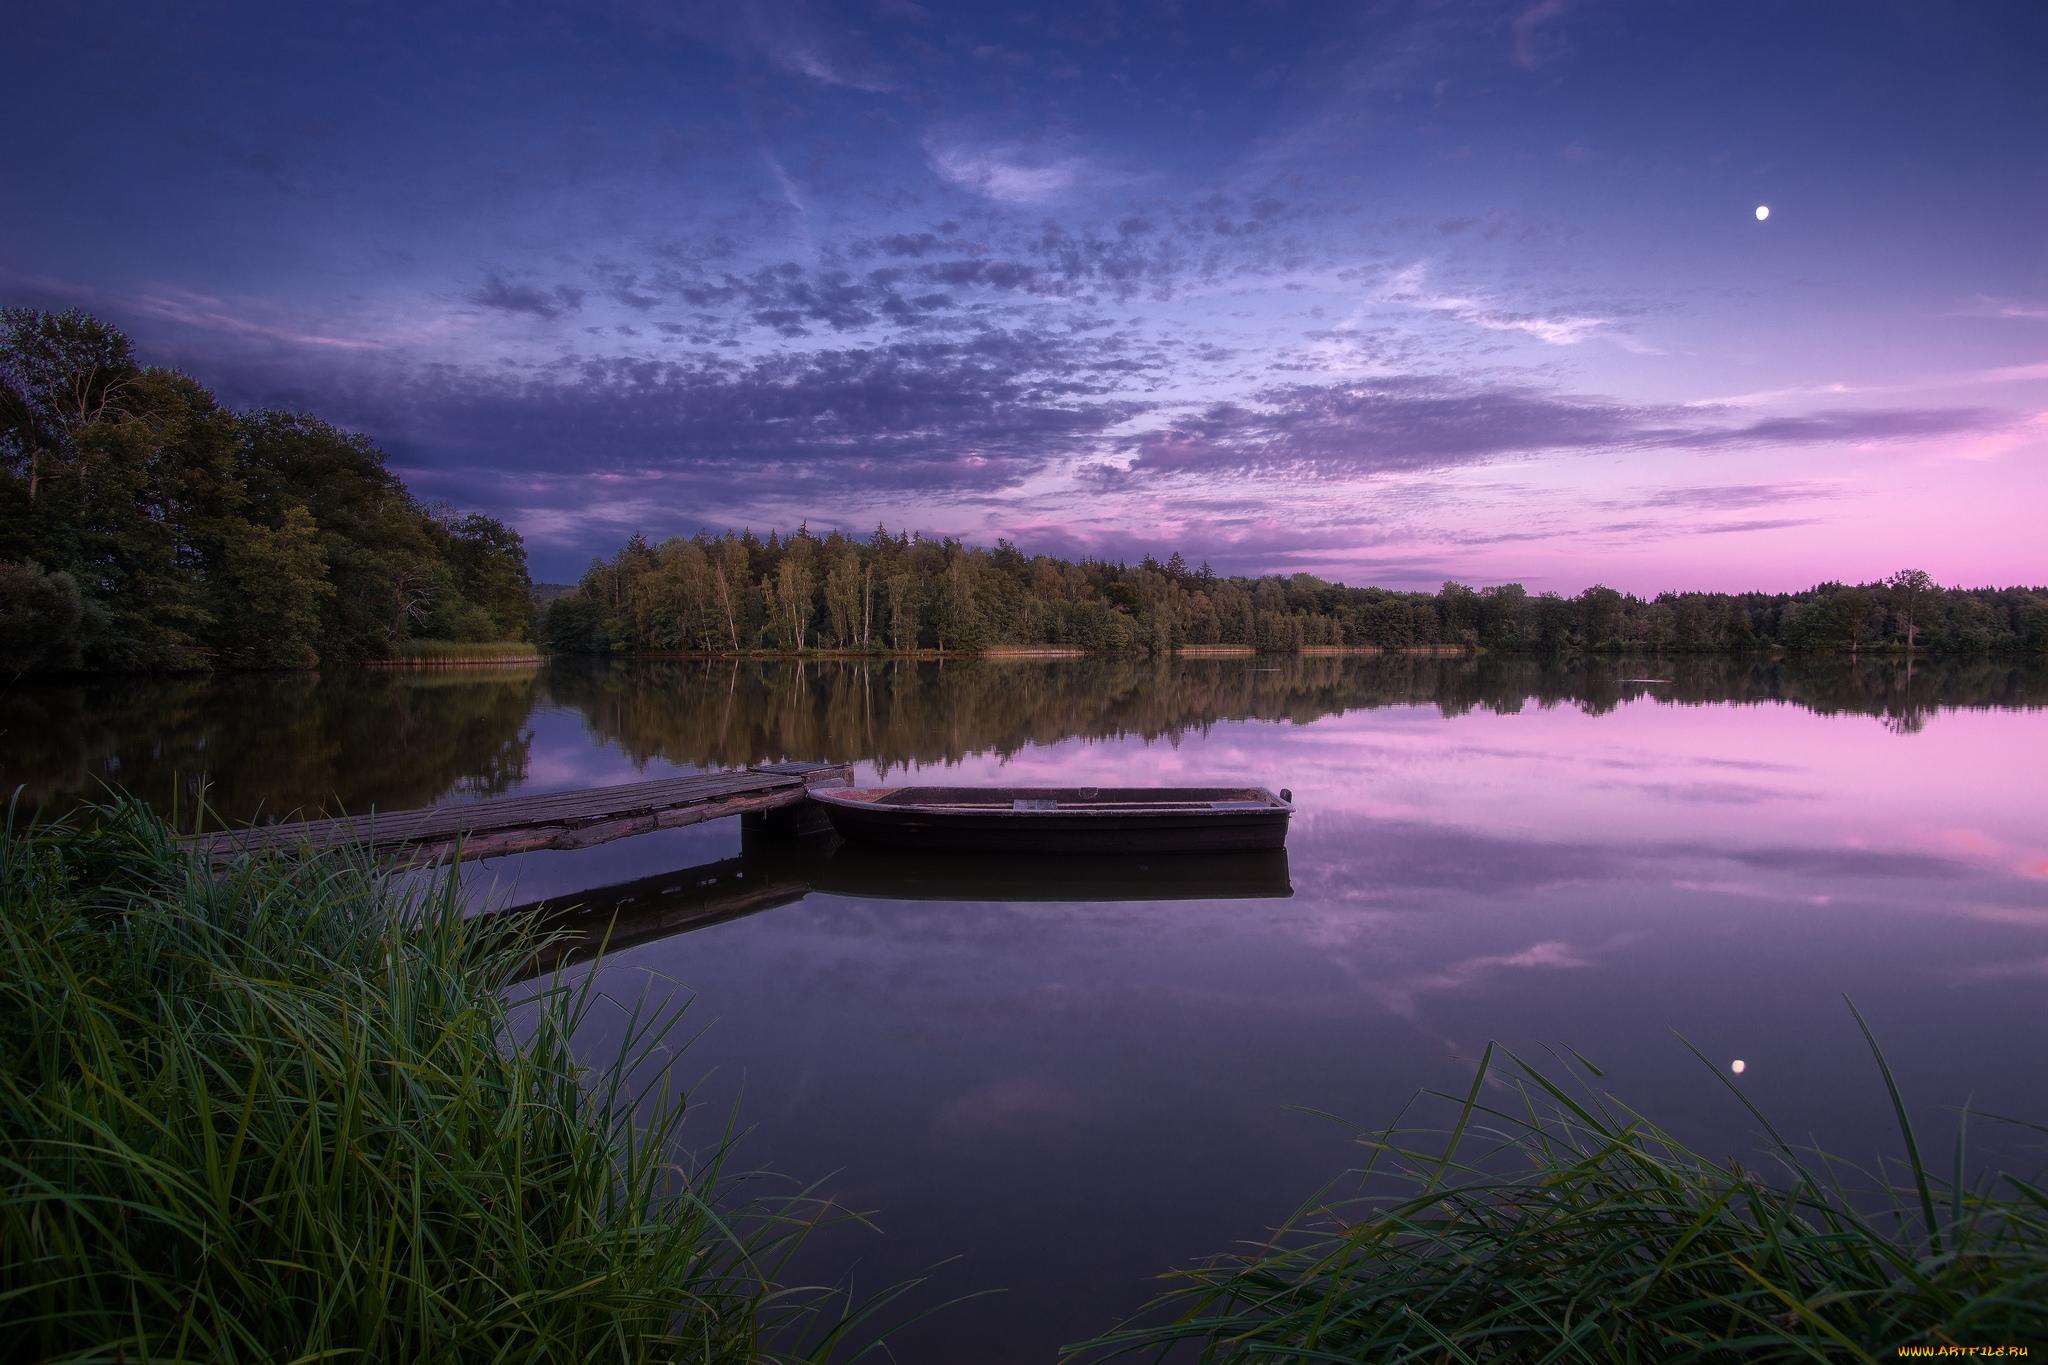 озеро в лесу на закате  № 380240 загрузить